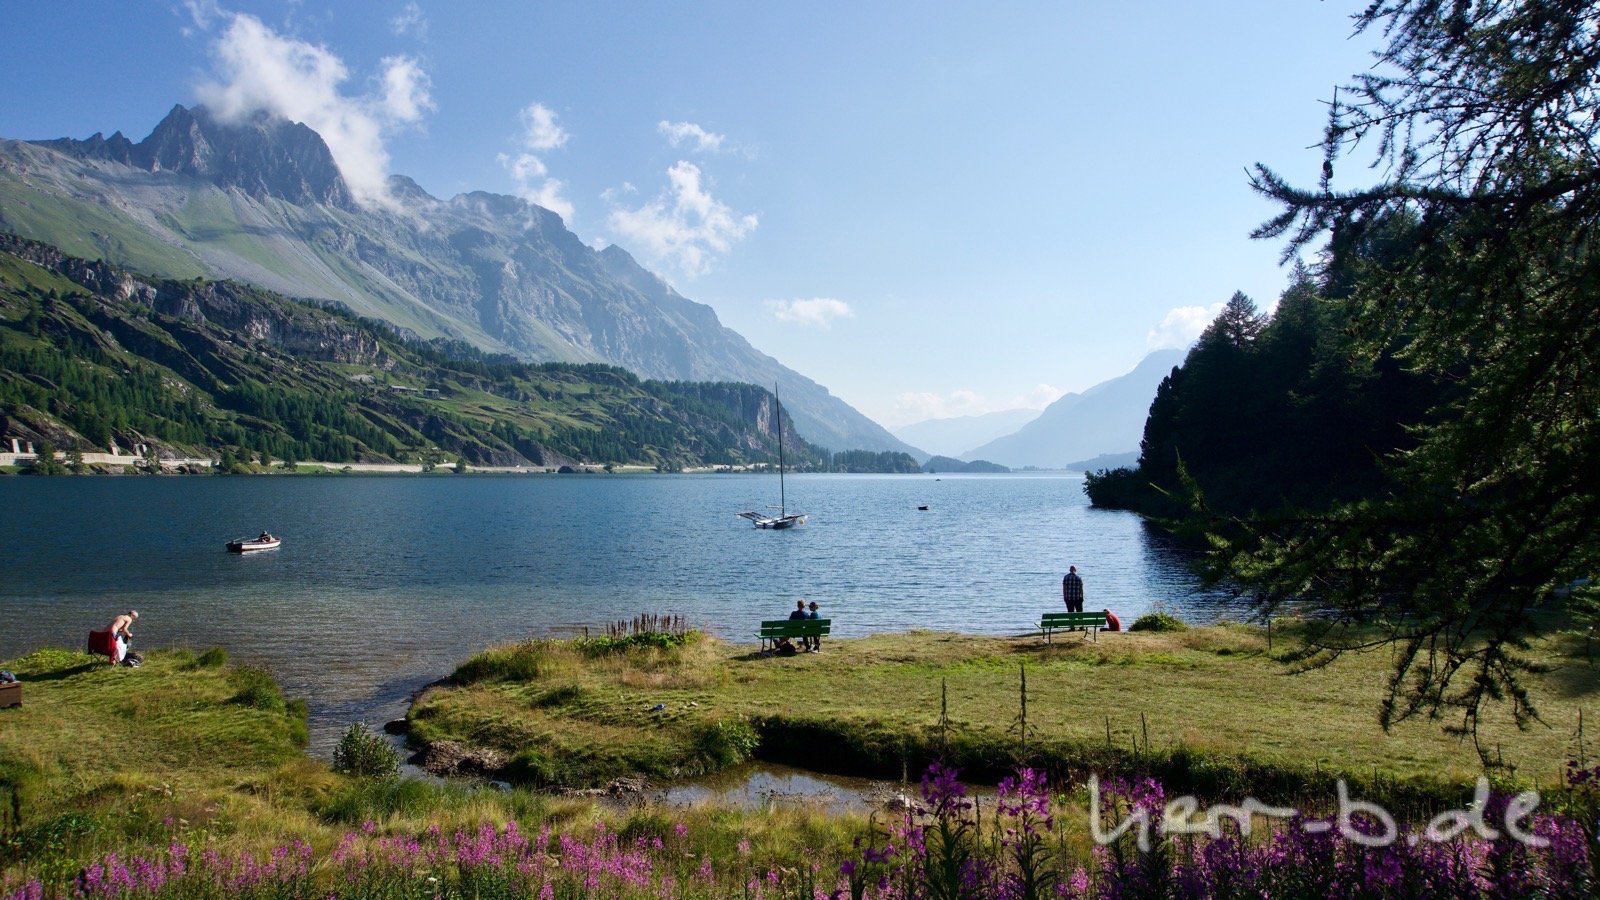 Morgendliche Idylle am Silsersee.